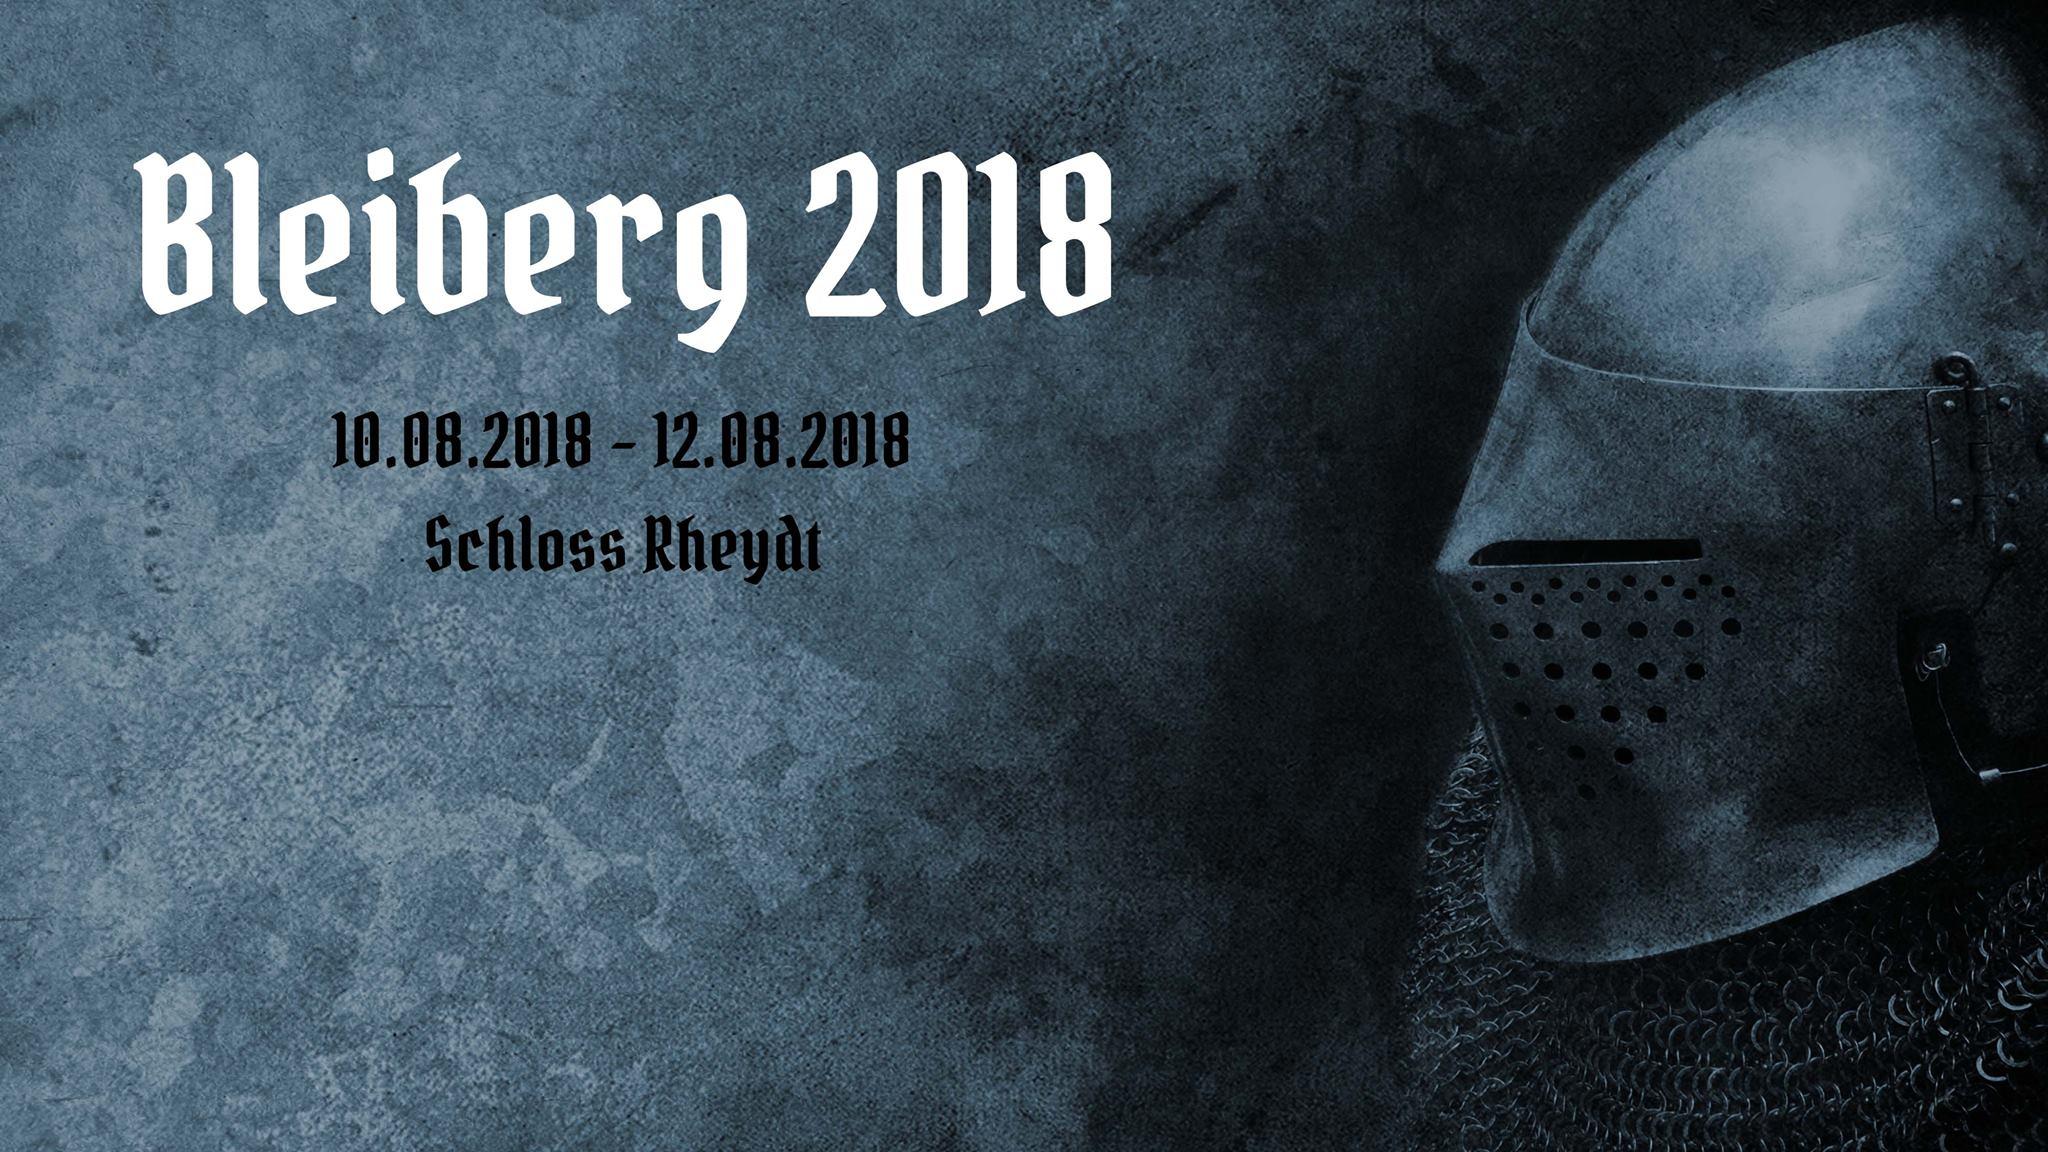 Bleiberg 2018